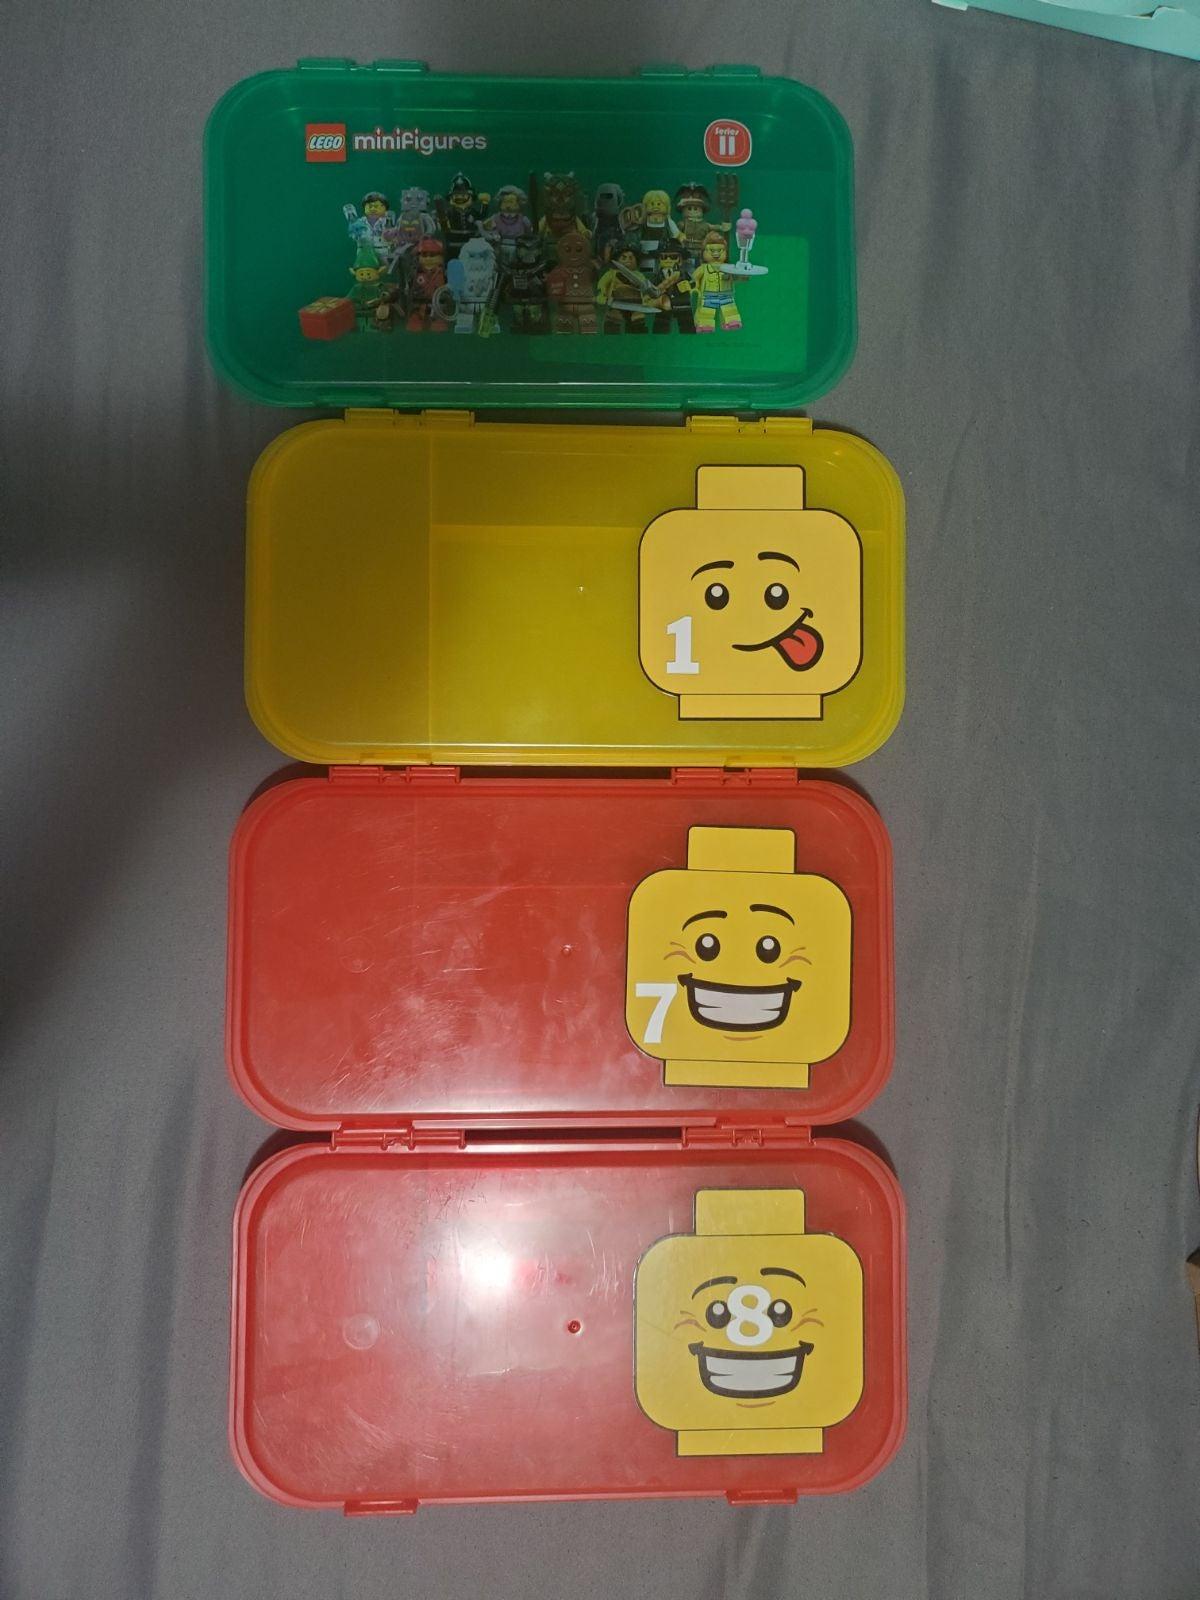 4 Lego cases